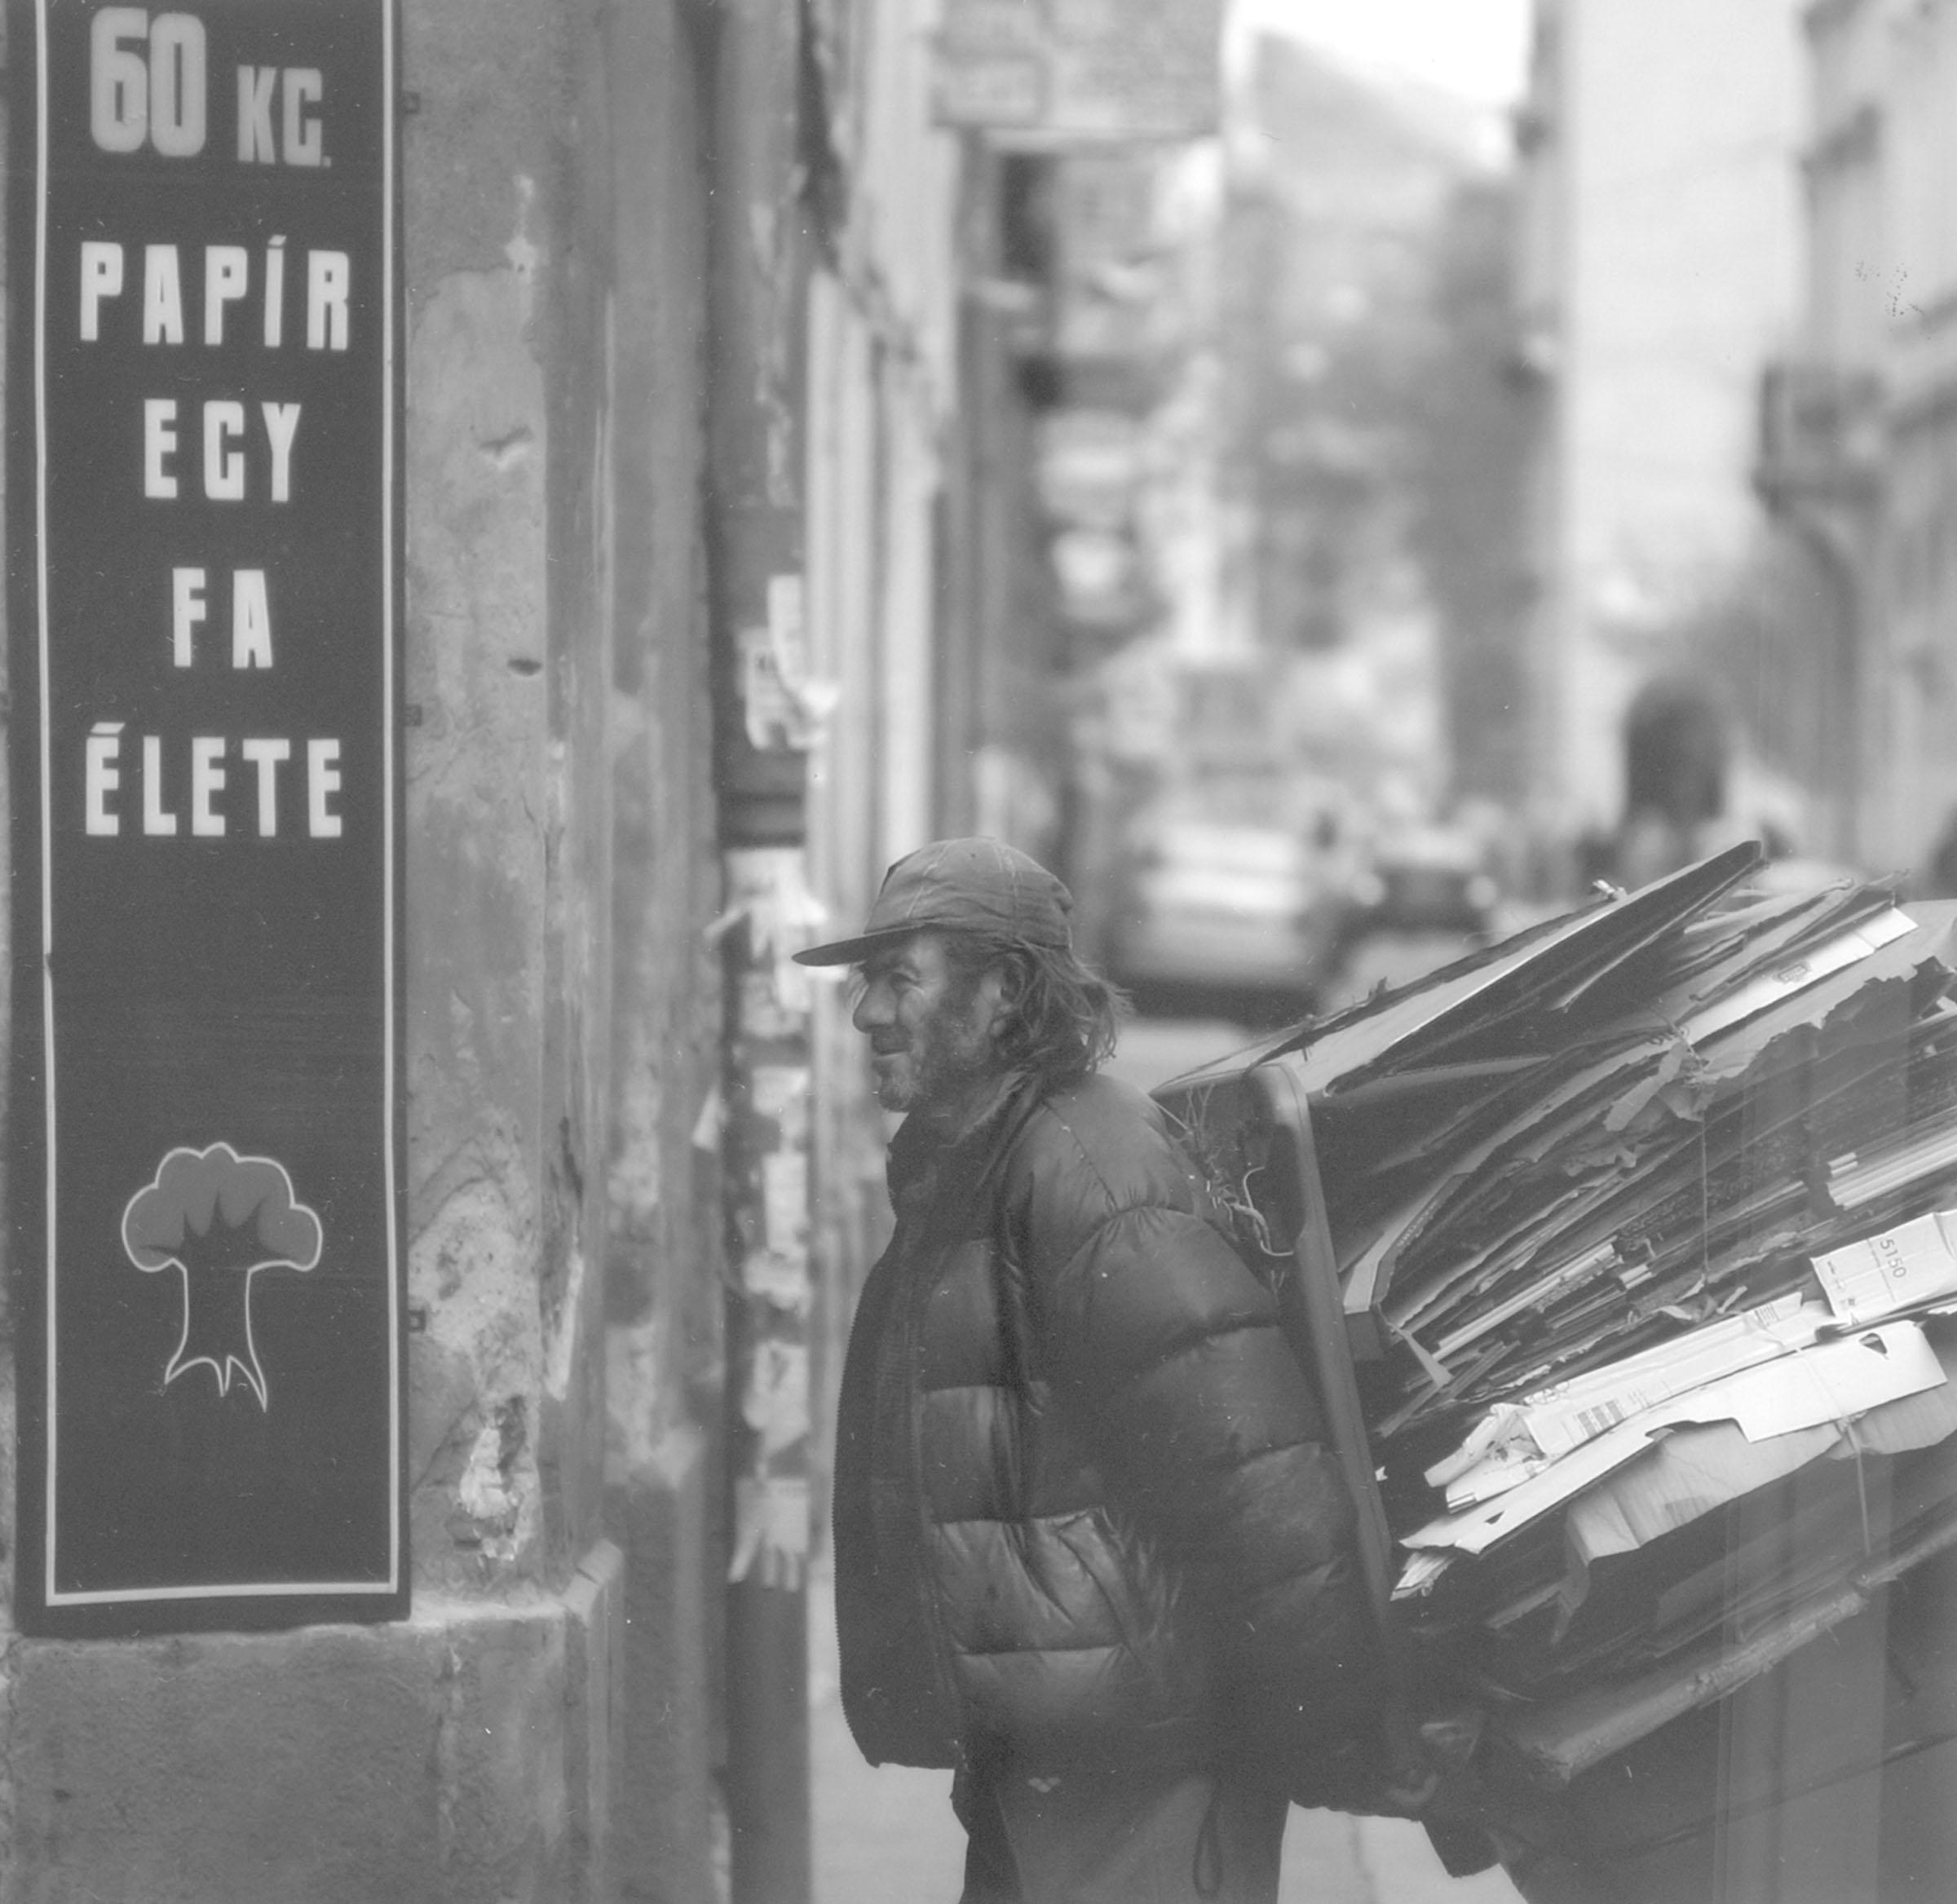 2004.09.18. Hétköznapok fotópályázat - Nyulászi Zsolt - 60 kg papír.jpg